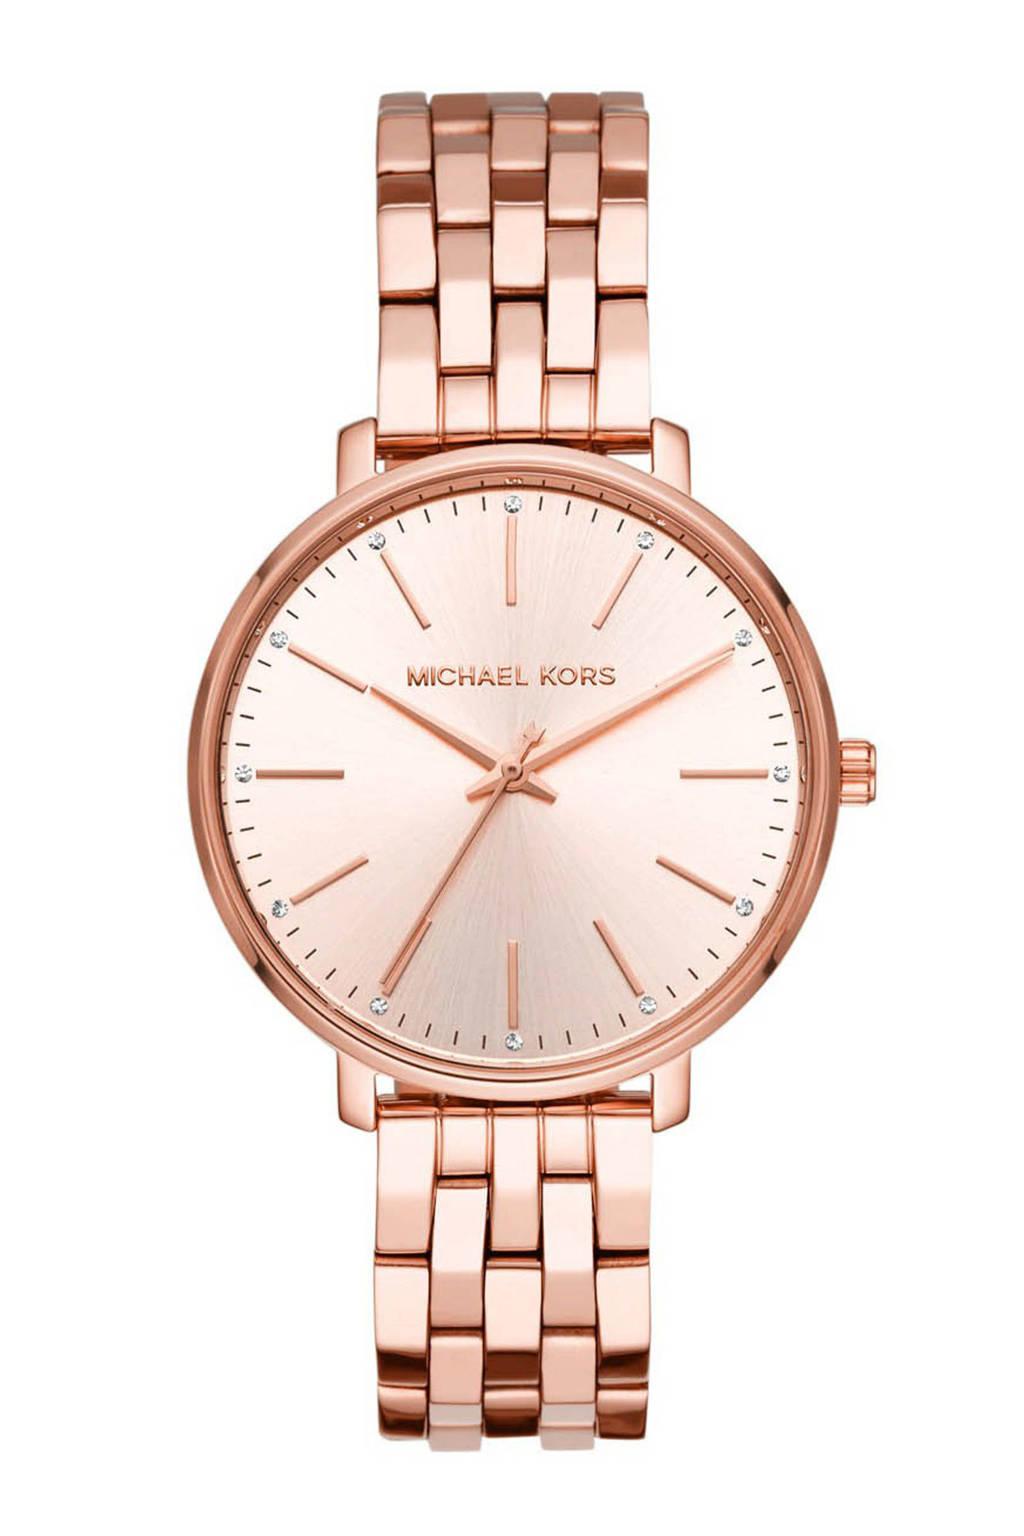 Michael Kors horloge - MK3897, Roségoudkleurig